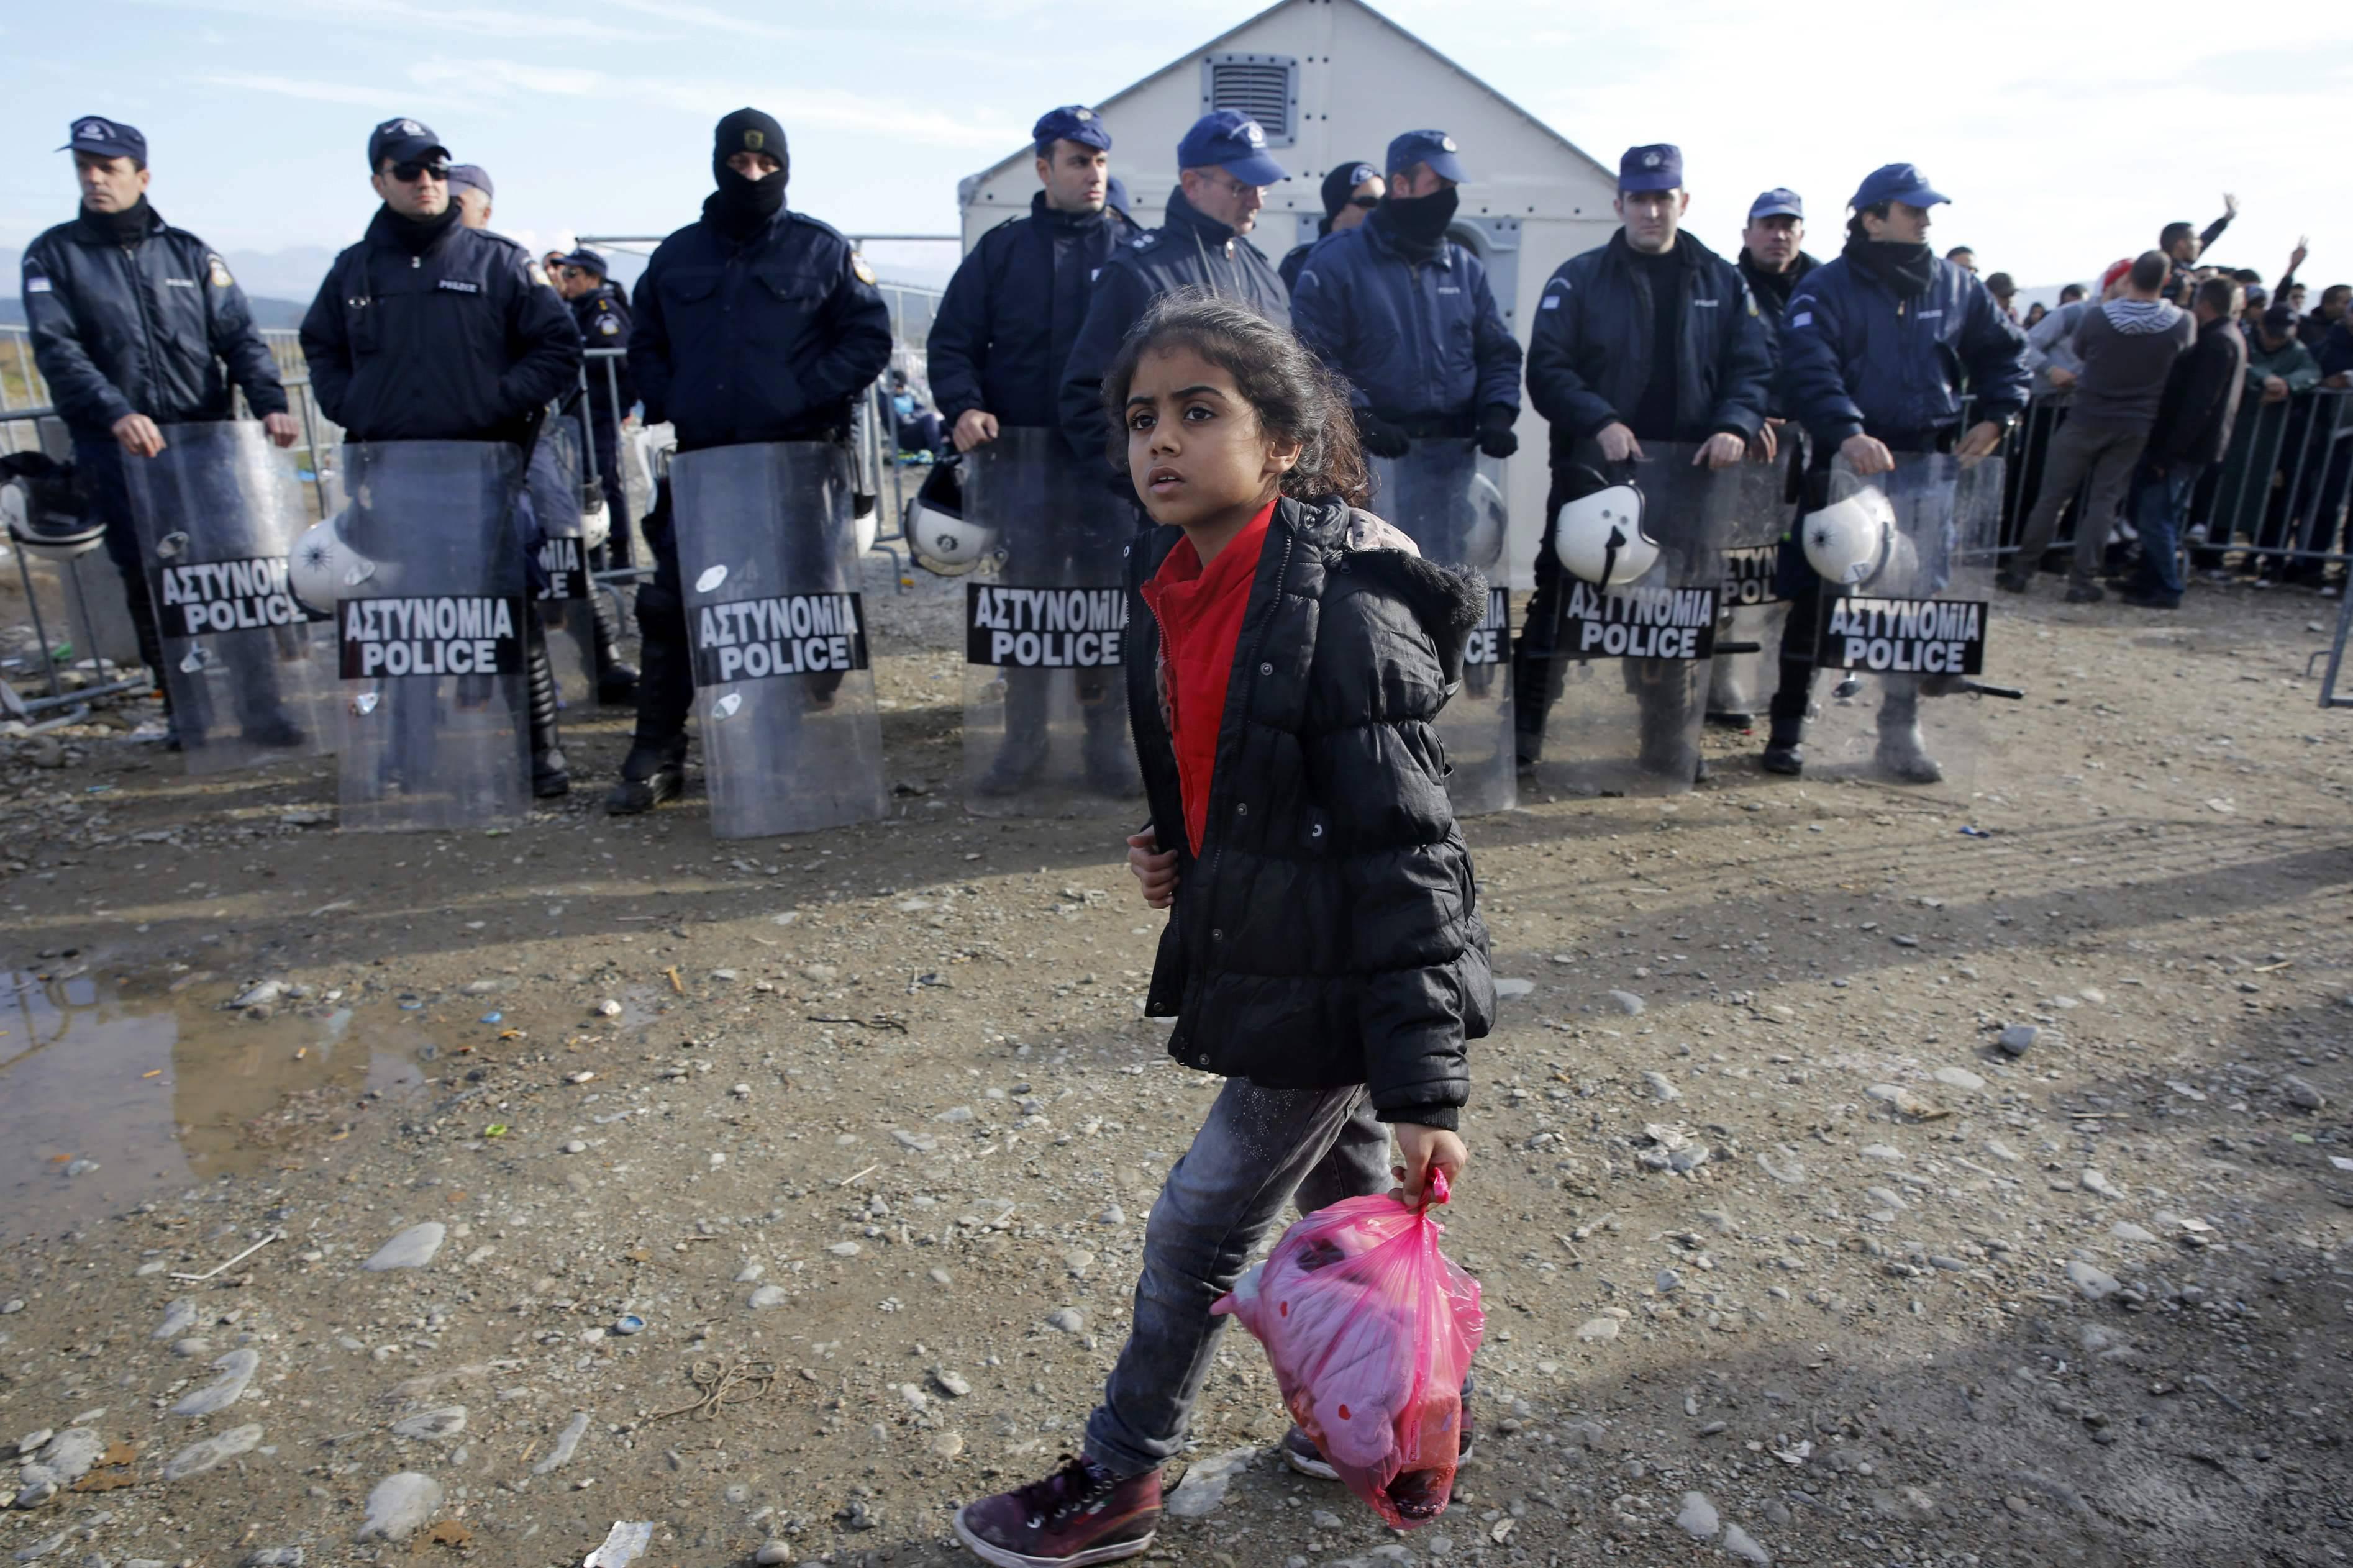 Syryjska dzieczynka na tle policjantów na granicy Grecji z Macedonią (fot. Yannis Behrakis / Reuters)